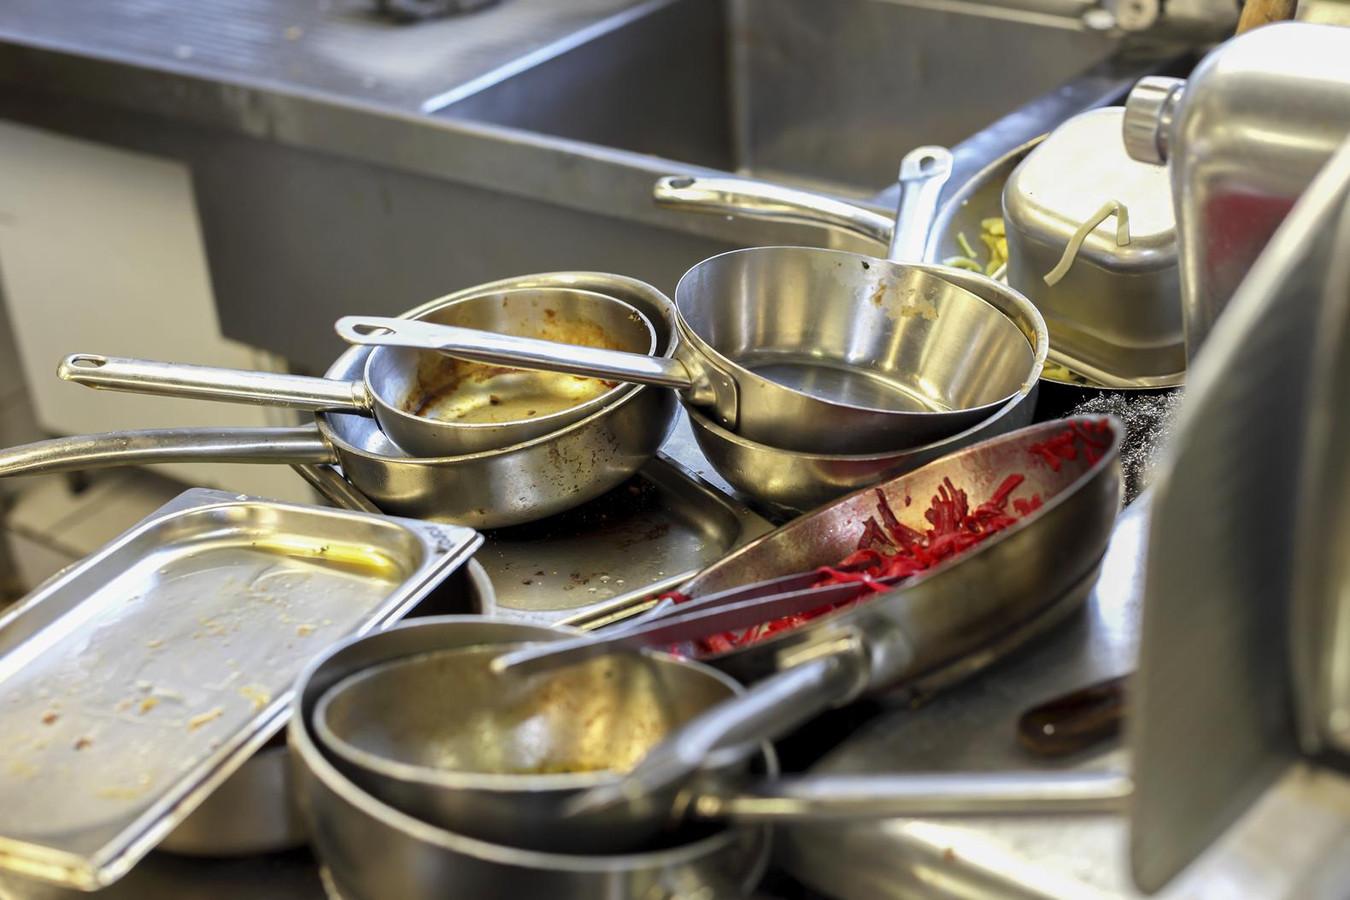 Bedrijven die bijvoorbeeld een afwashulp zoeken, kunnen dat nu via de app MatchAB binnen een handomdraai regelen